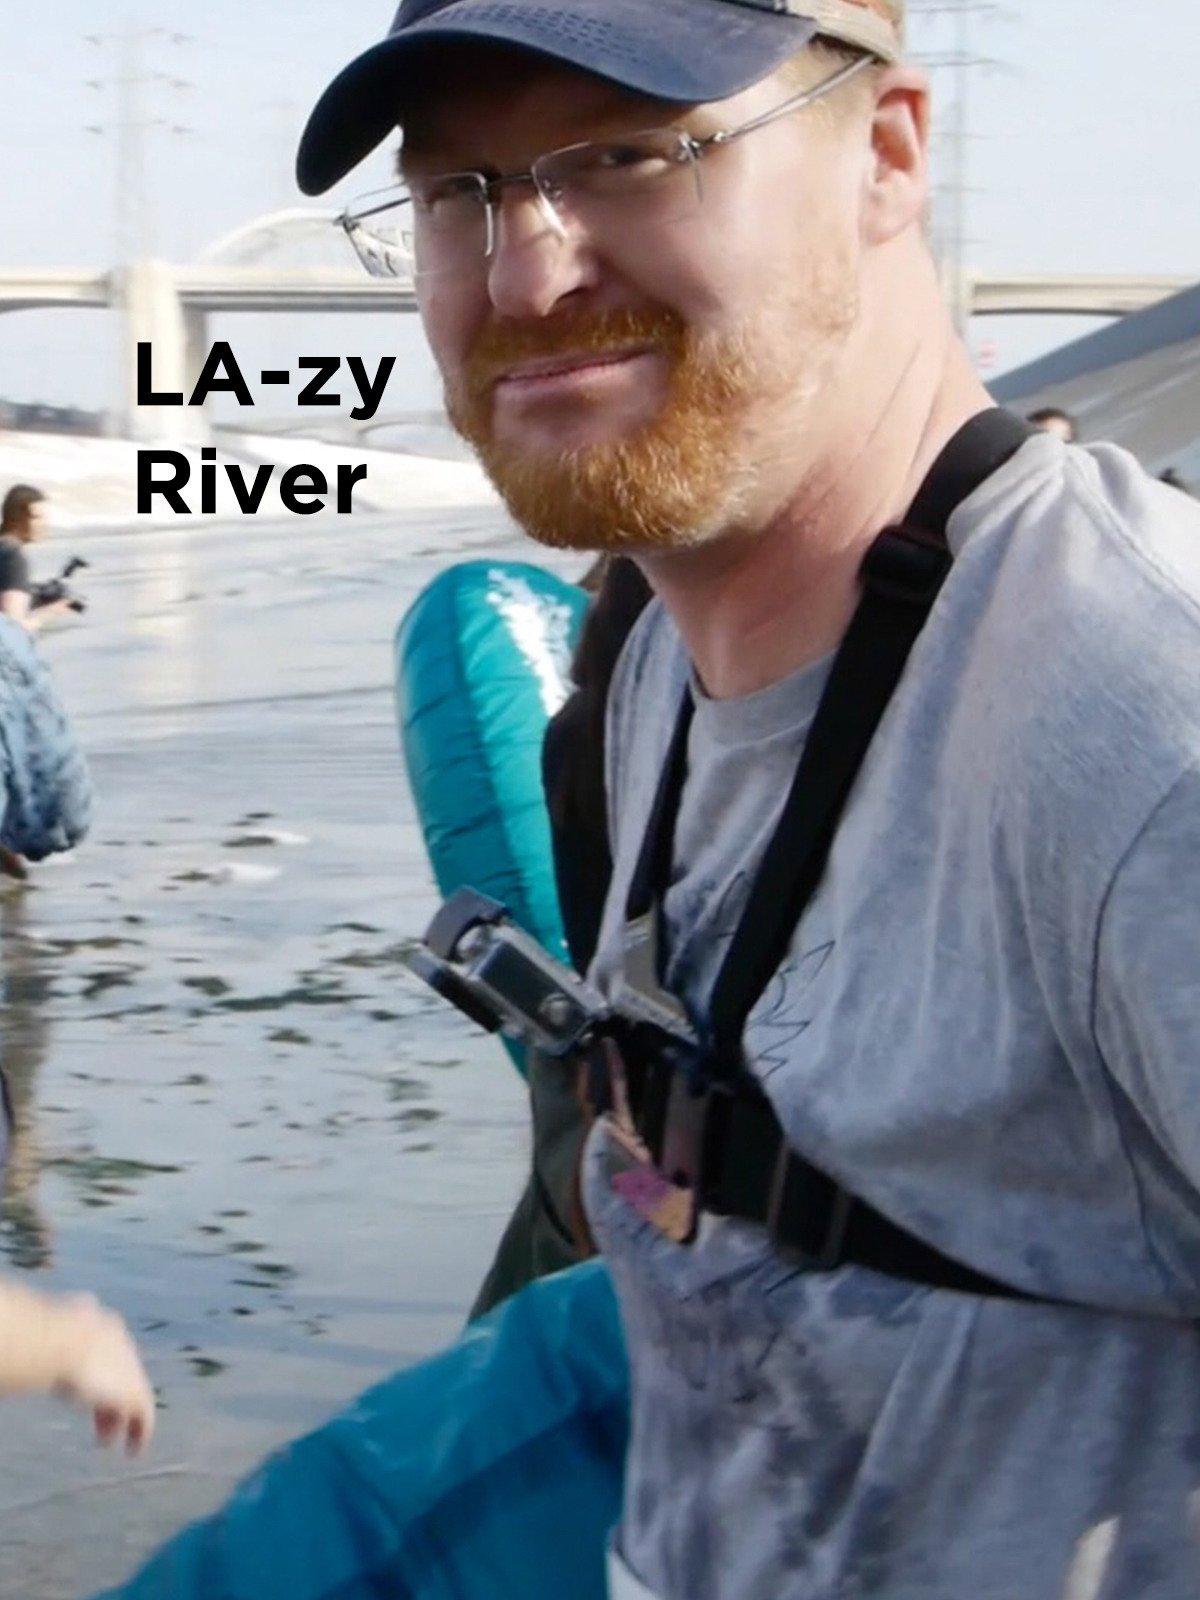 LA-zy River